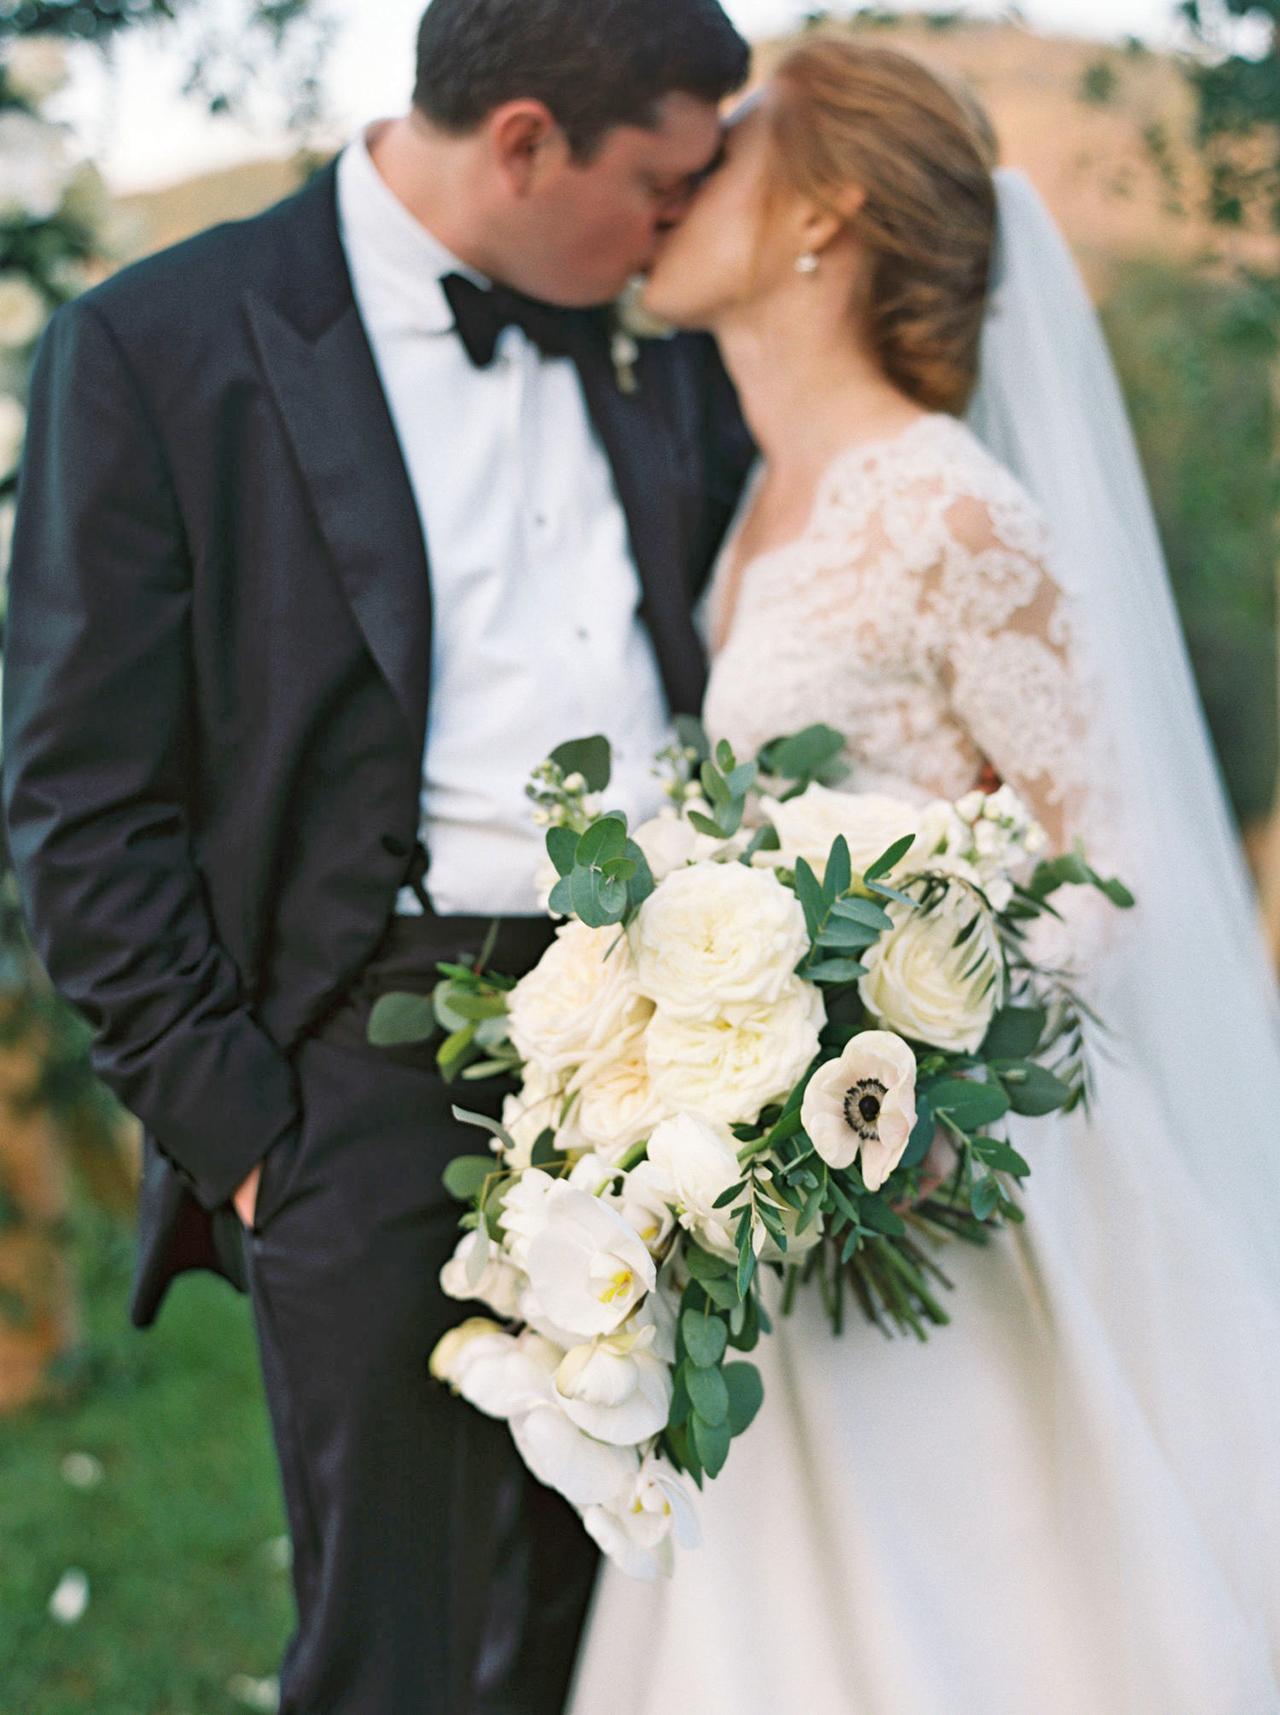 kathleen henry wedding kiss